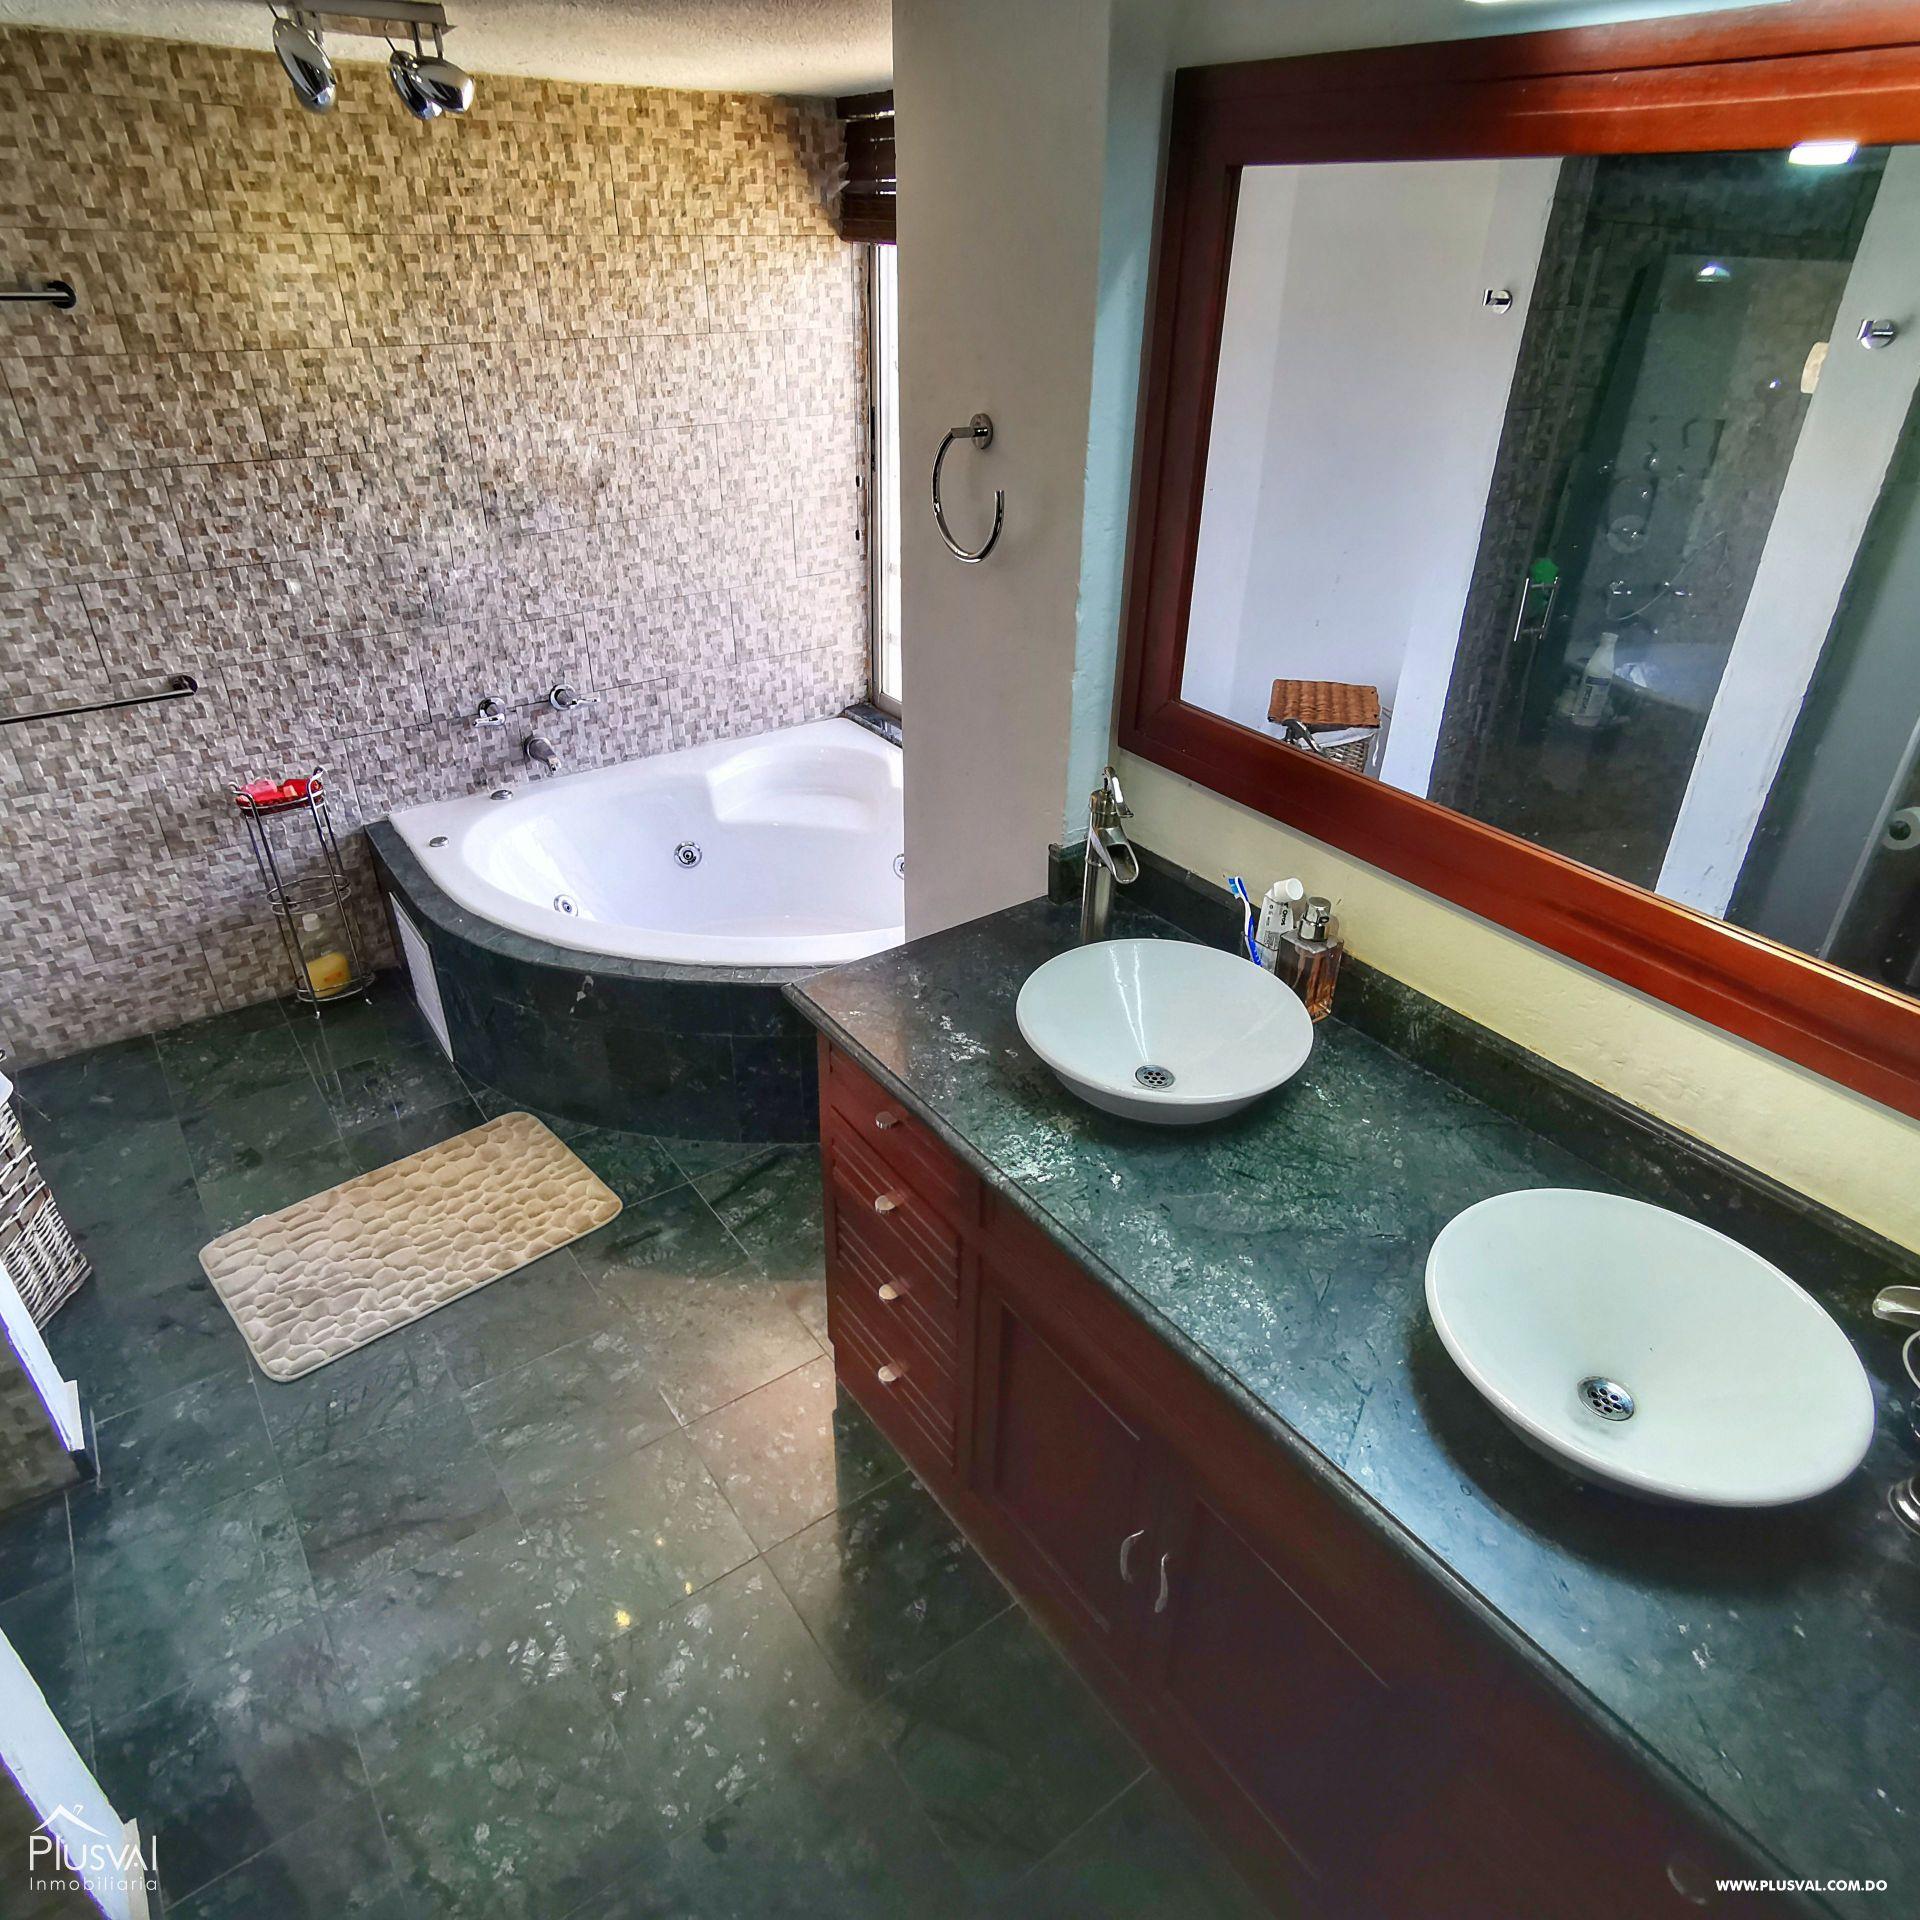 Penthouse de Oportunidad en Piantini con las Mejores Areas Sociales de la Ciudad 162084